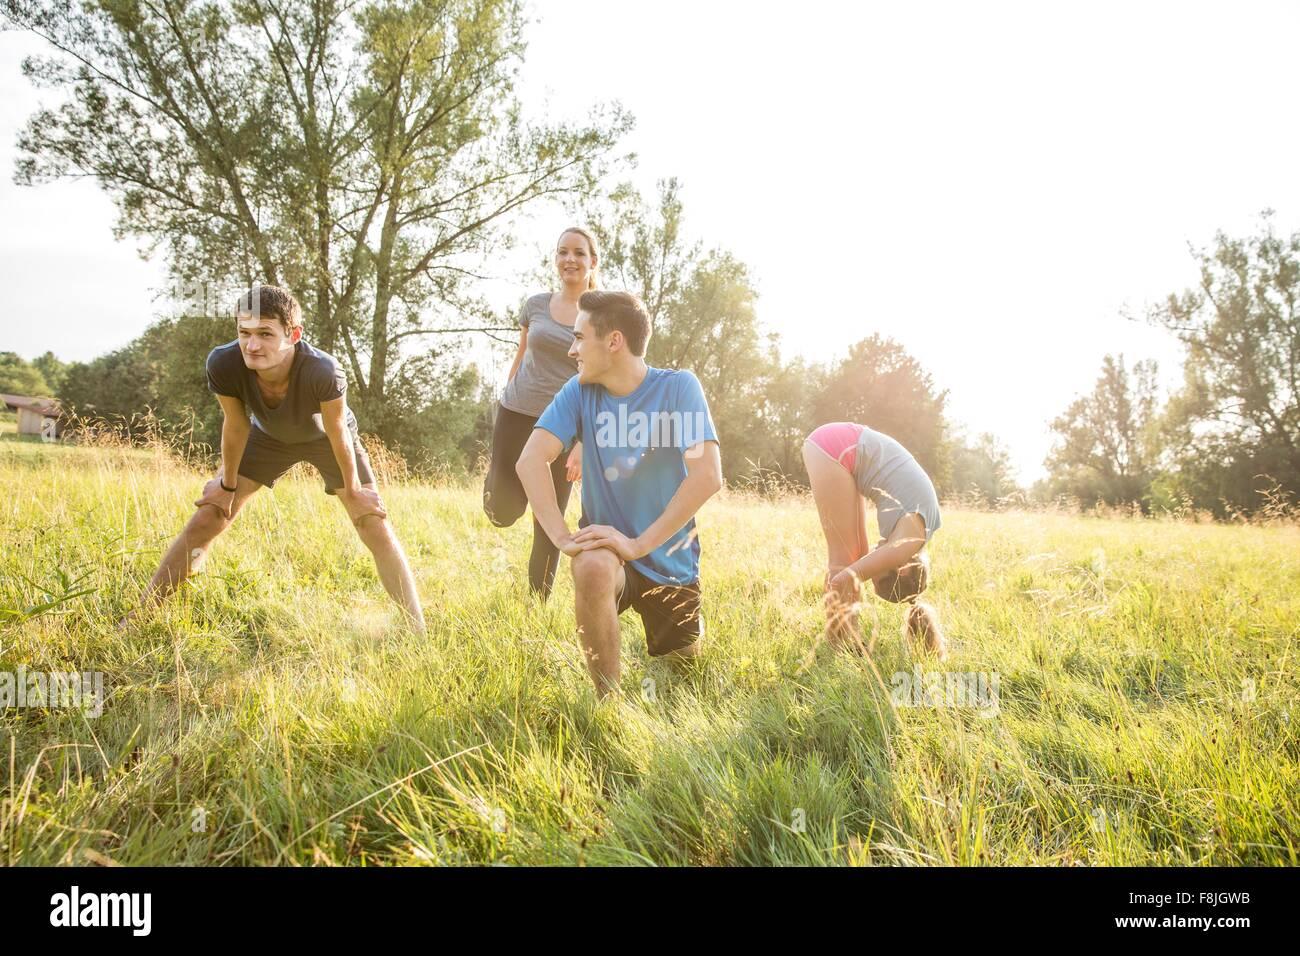 Gruppe von Freunden im Bereich Sport Stockbild